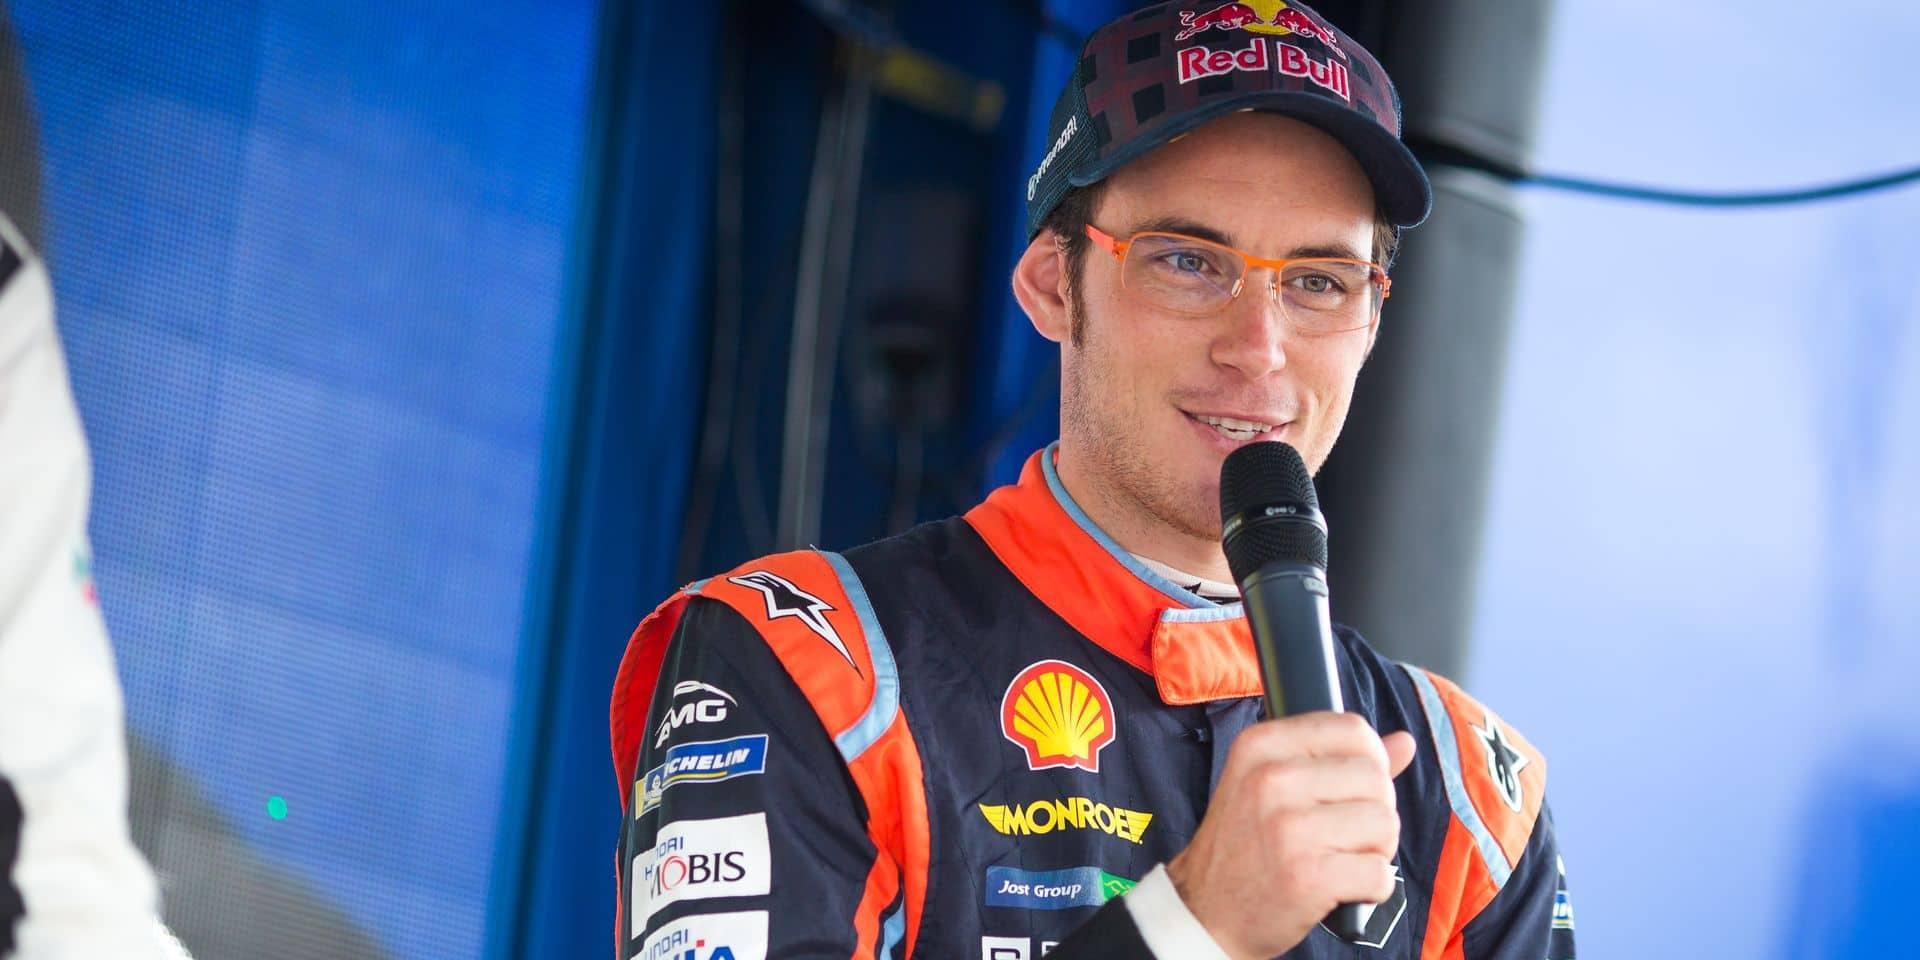 Rallye de Sardaigne après ES5: Mikkelsen mène devant Neuville auteur du dernier scratch